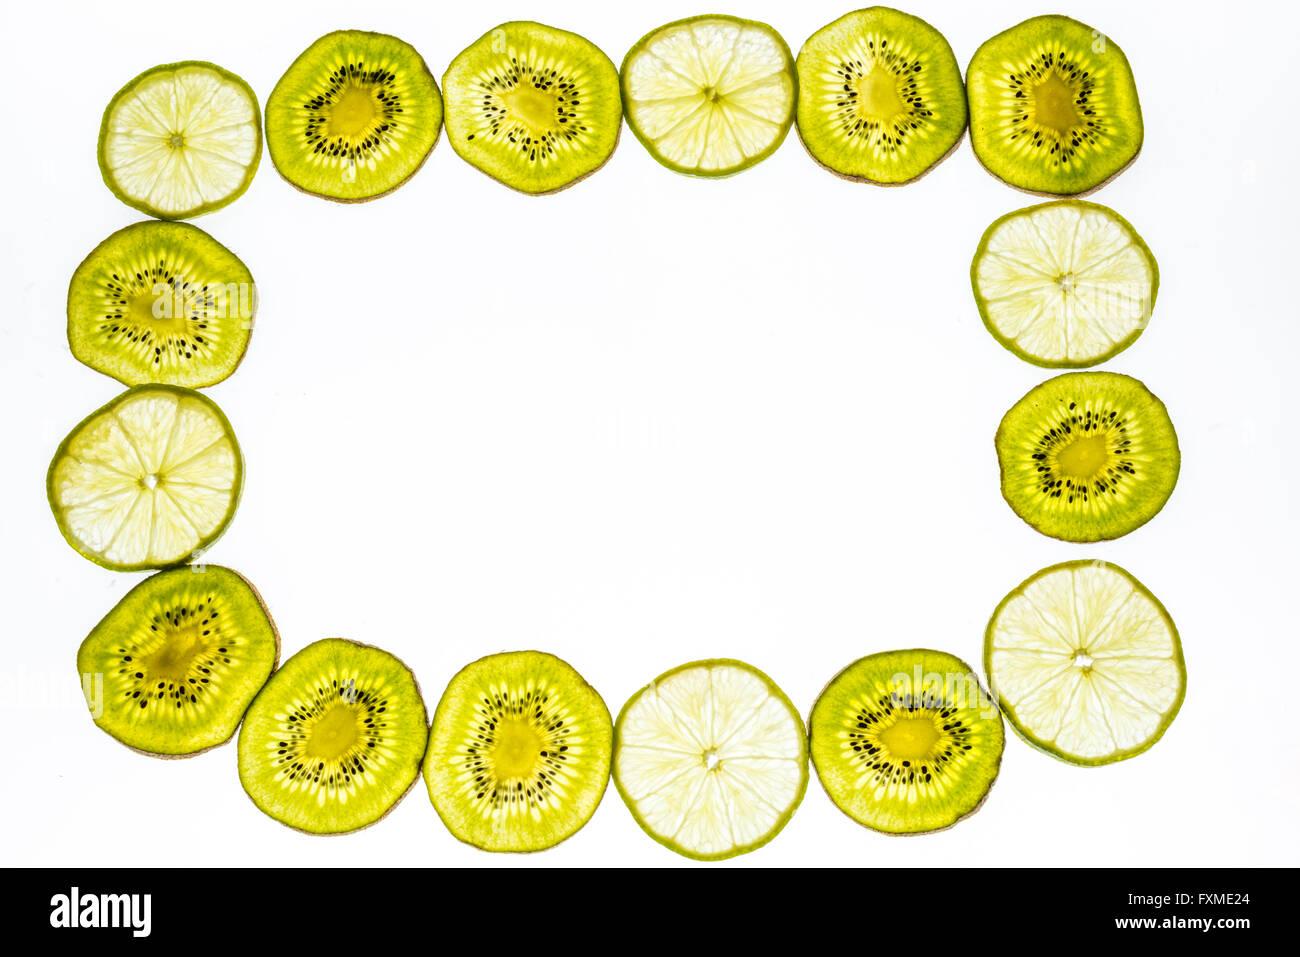 Frame made of fresh kiwi fruit and limes isolated on white background - Stock Image